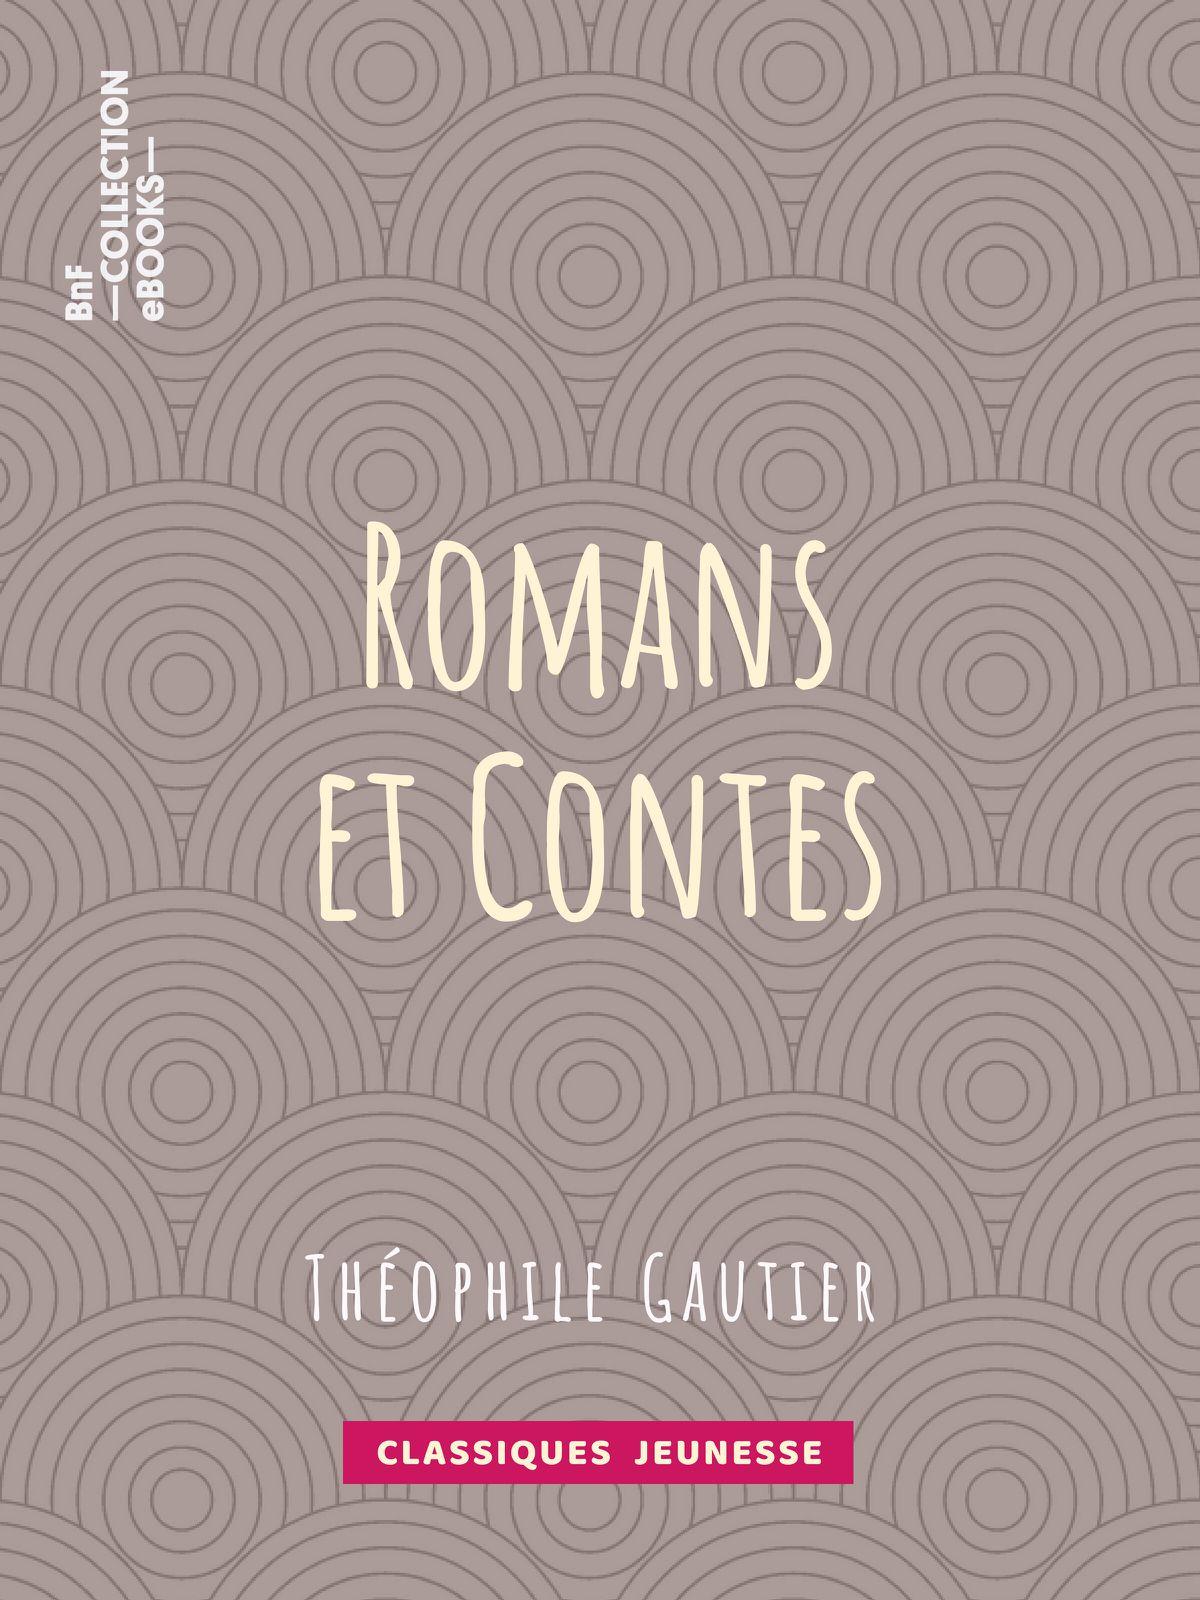 Romans et contes |